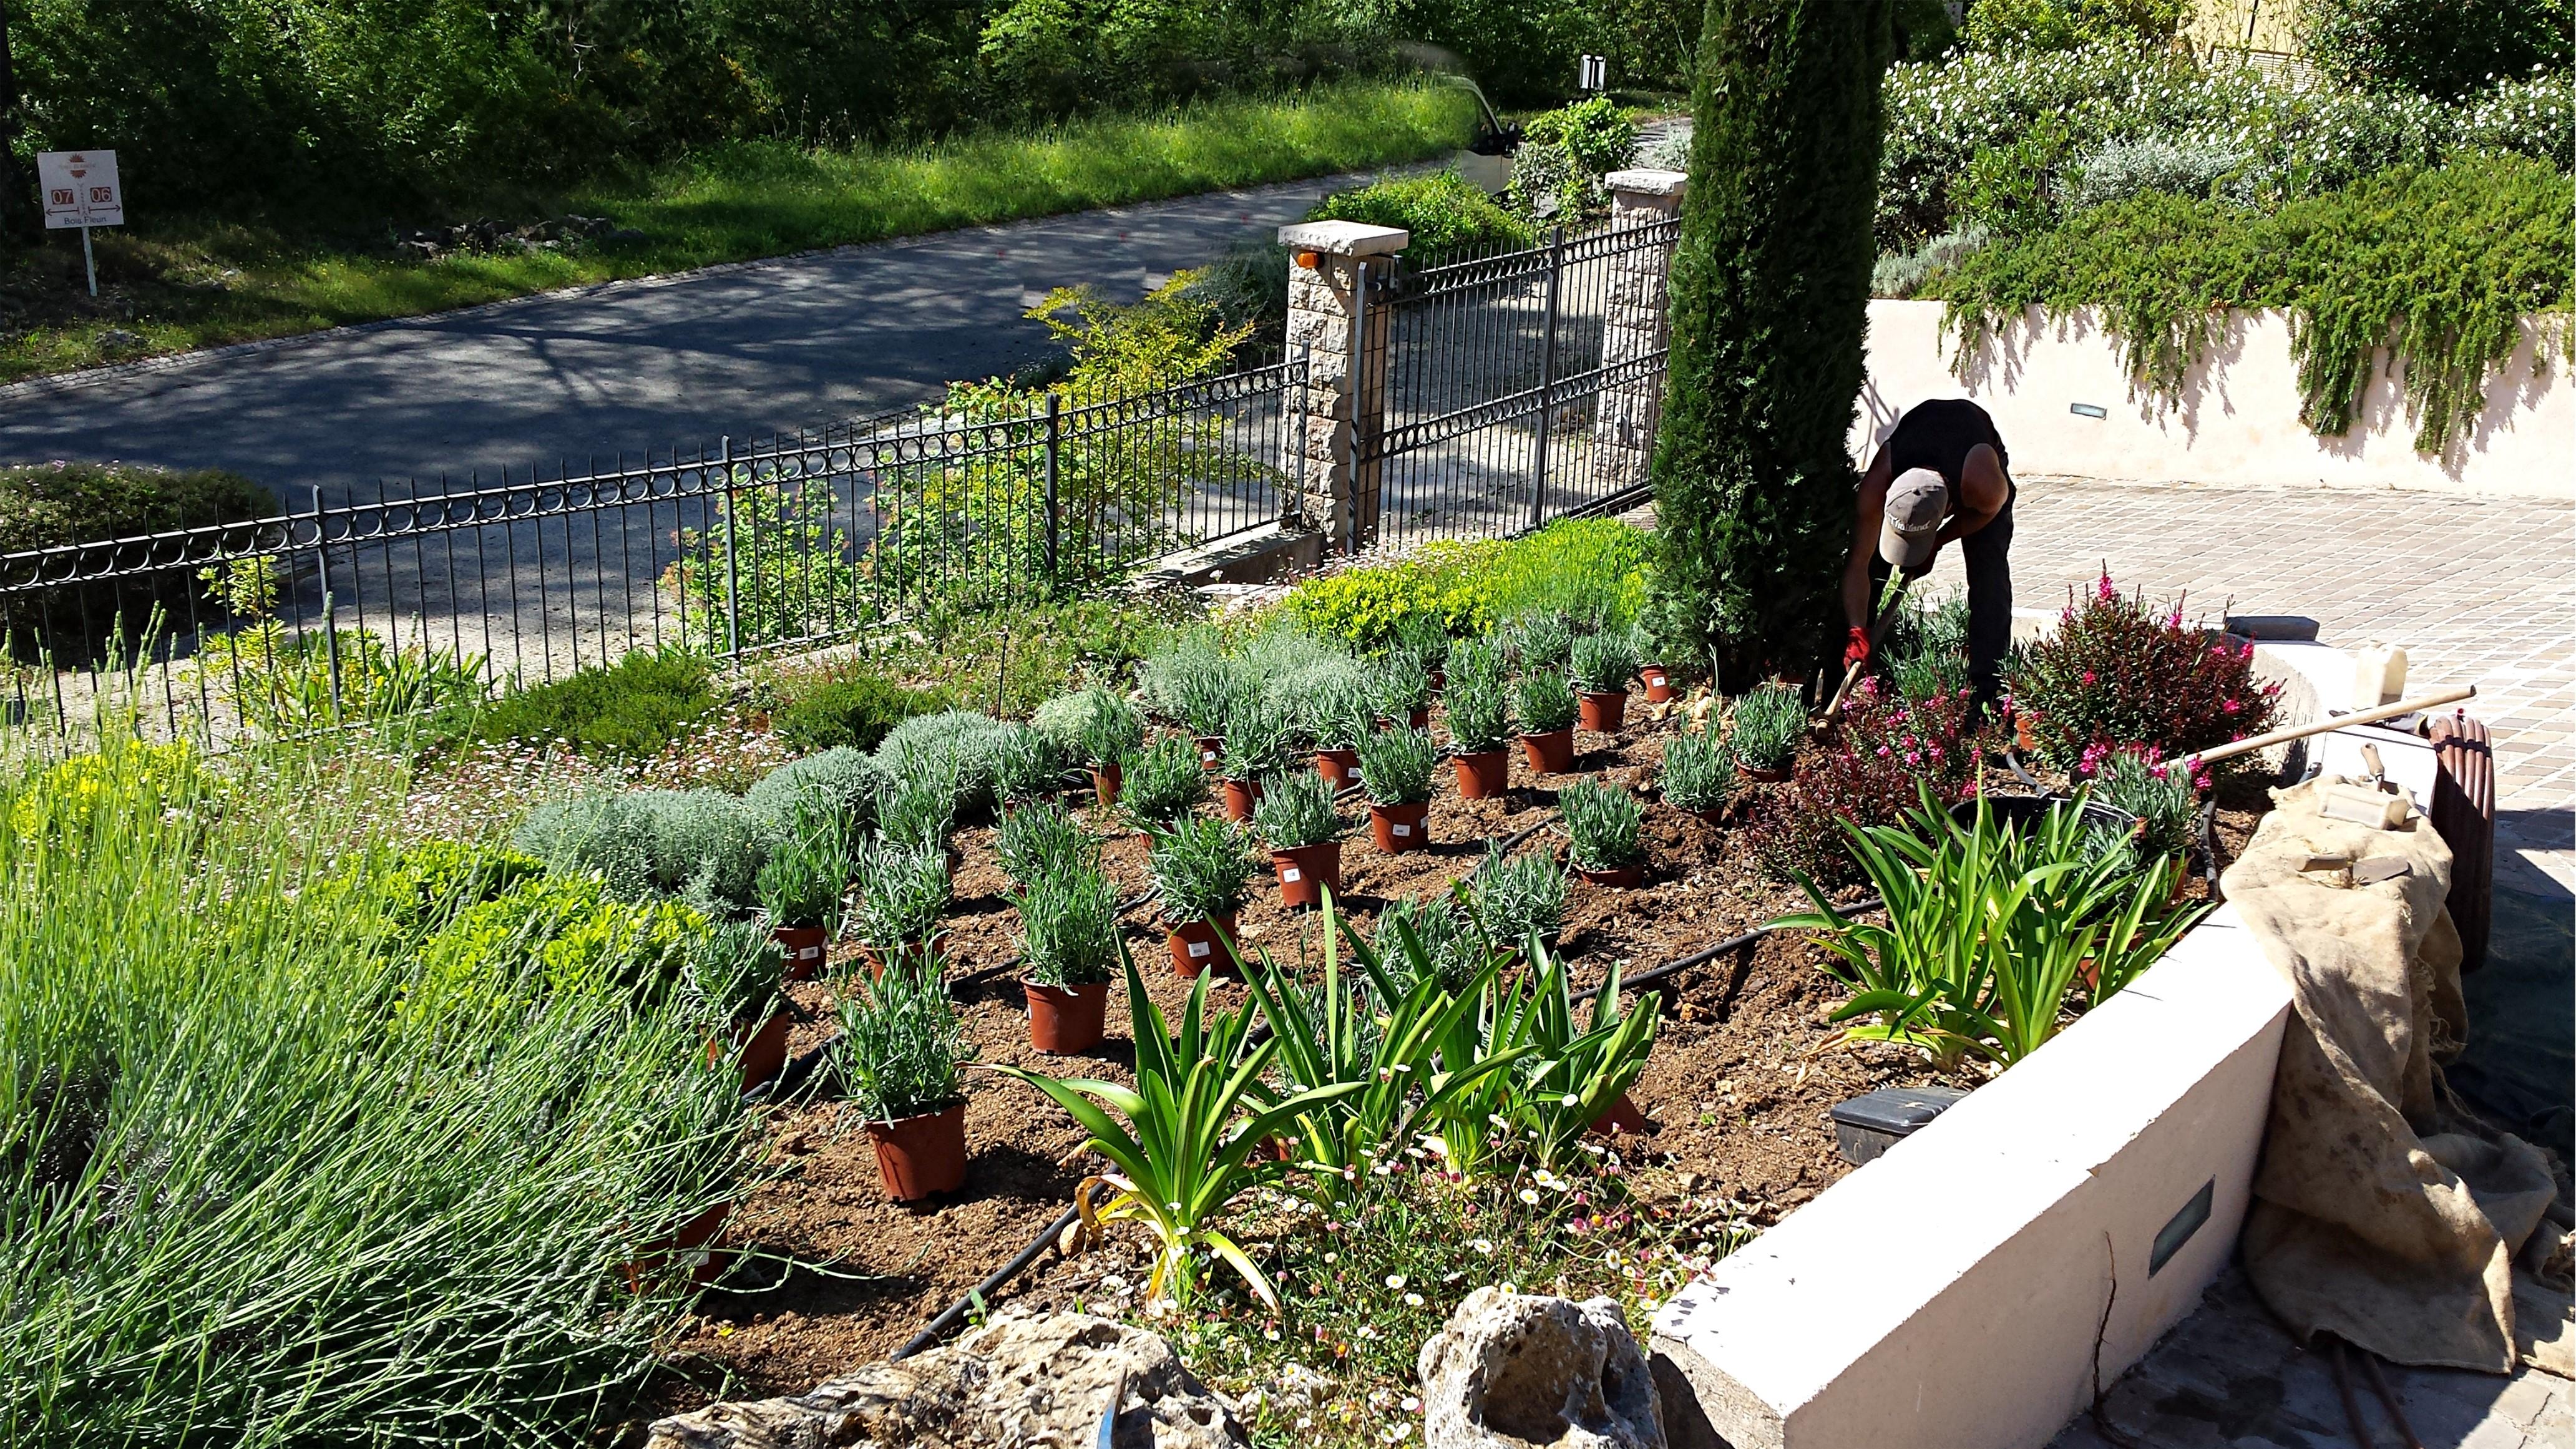 Nature espaces paysages nep cr ation entretien de jardin for Jardin creation entretien